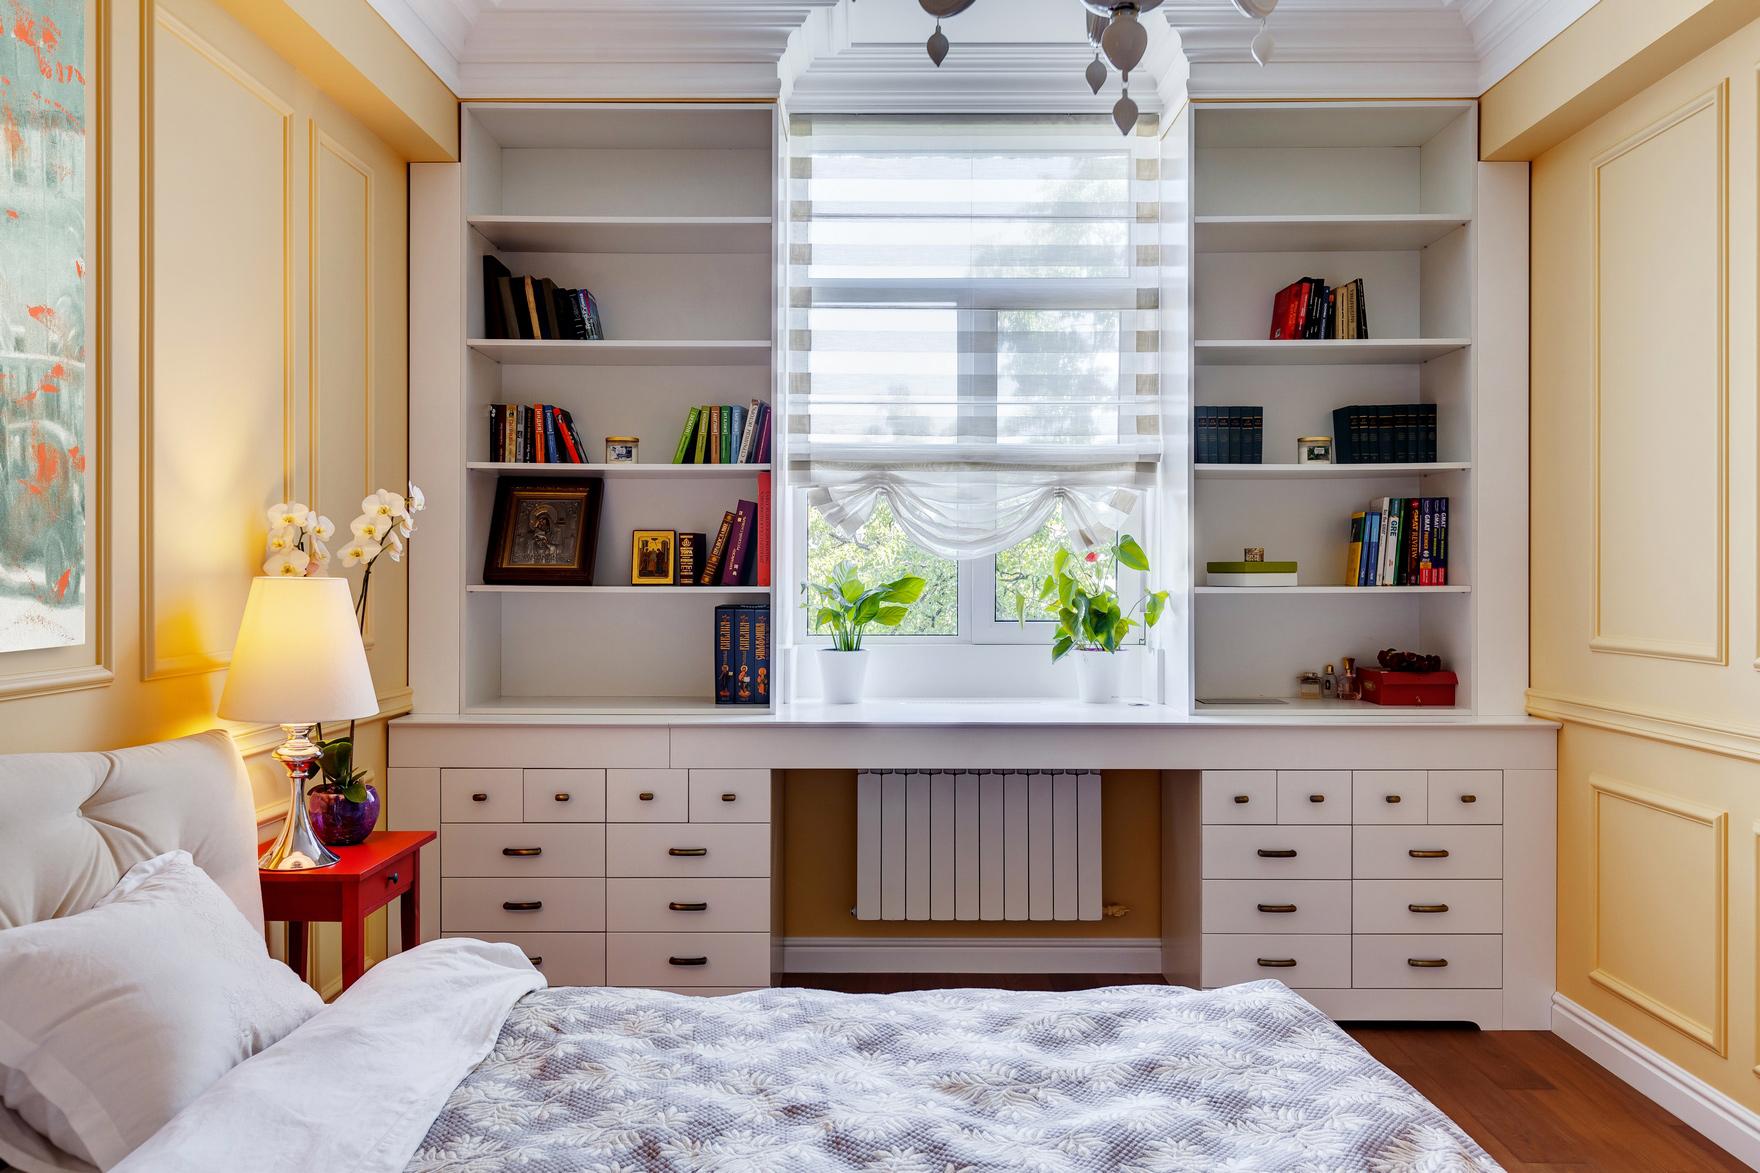 Спальня с рабочим кабинетом (52 фото): идеи дизайна